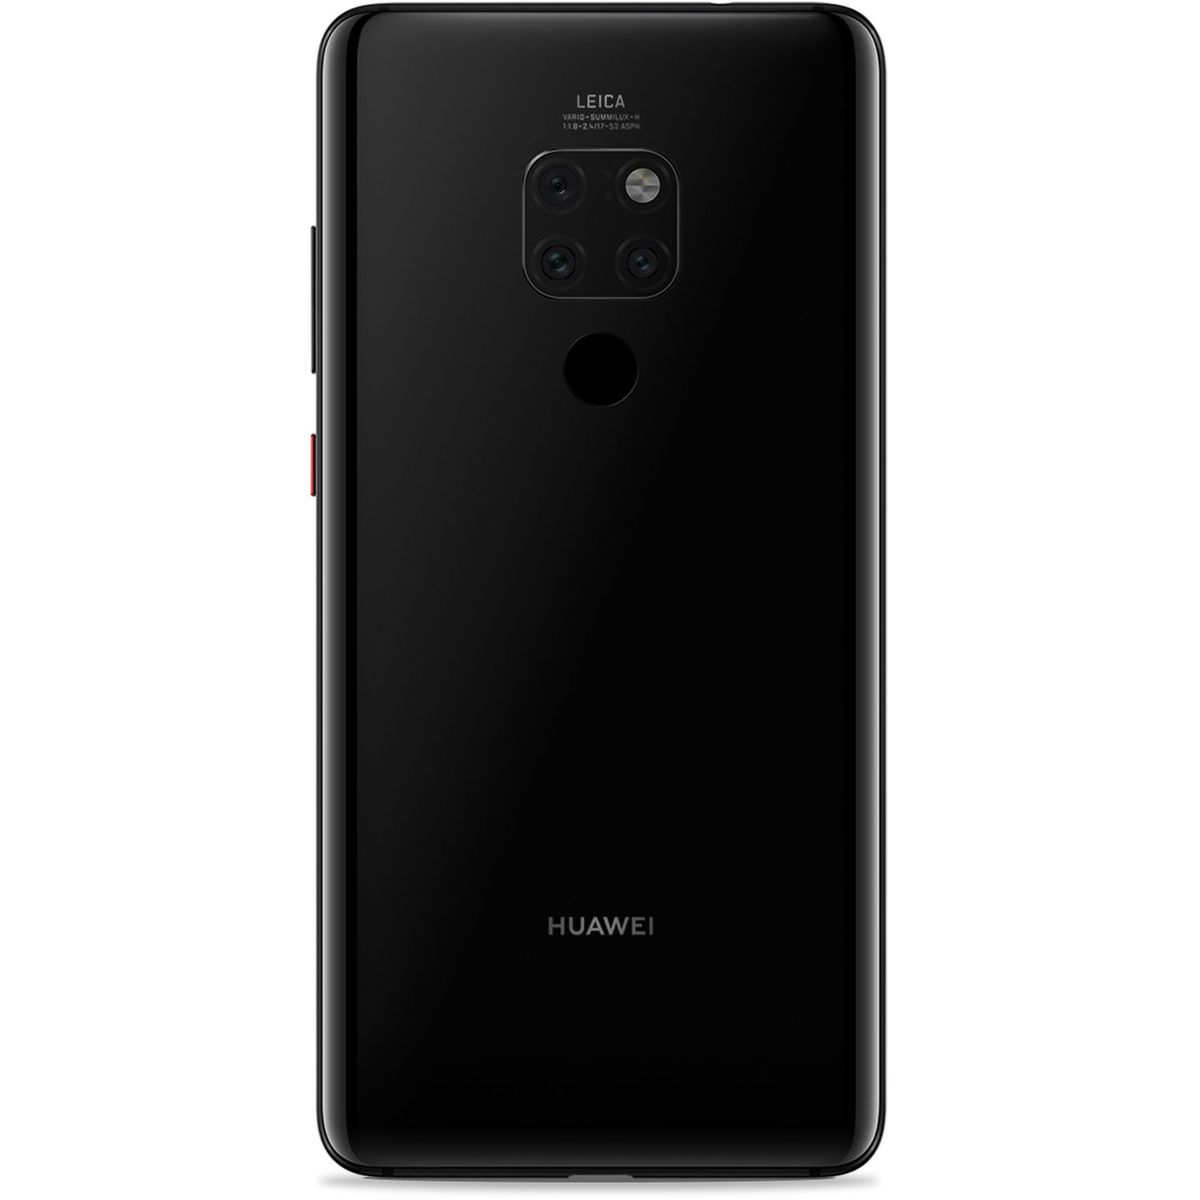 HUAWEI Smartphone - MATE 20 Pro - 128 Go - 6.39 pouces - Noir - Double SIM - 4G